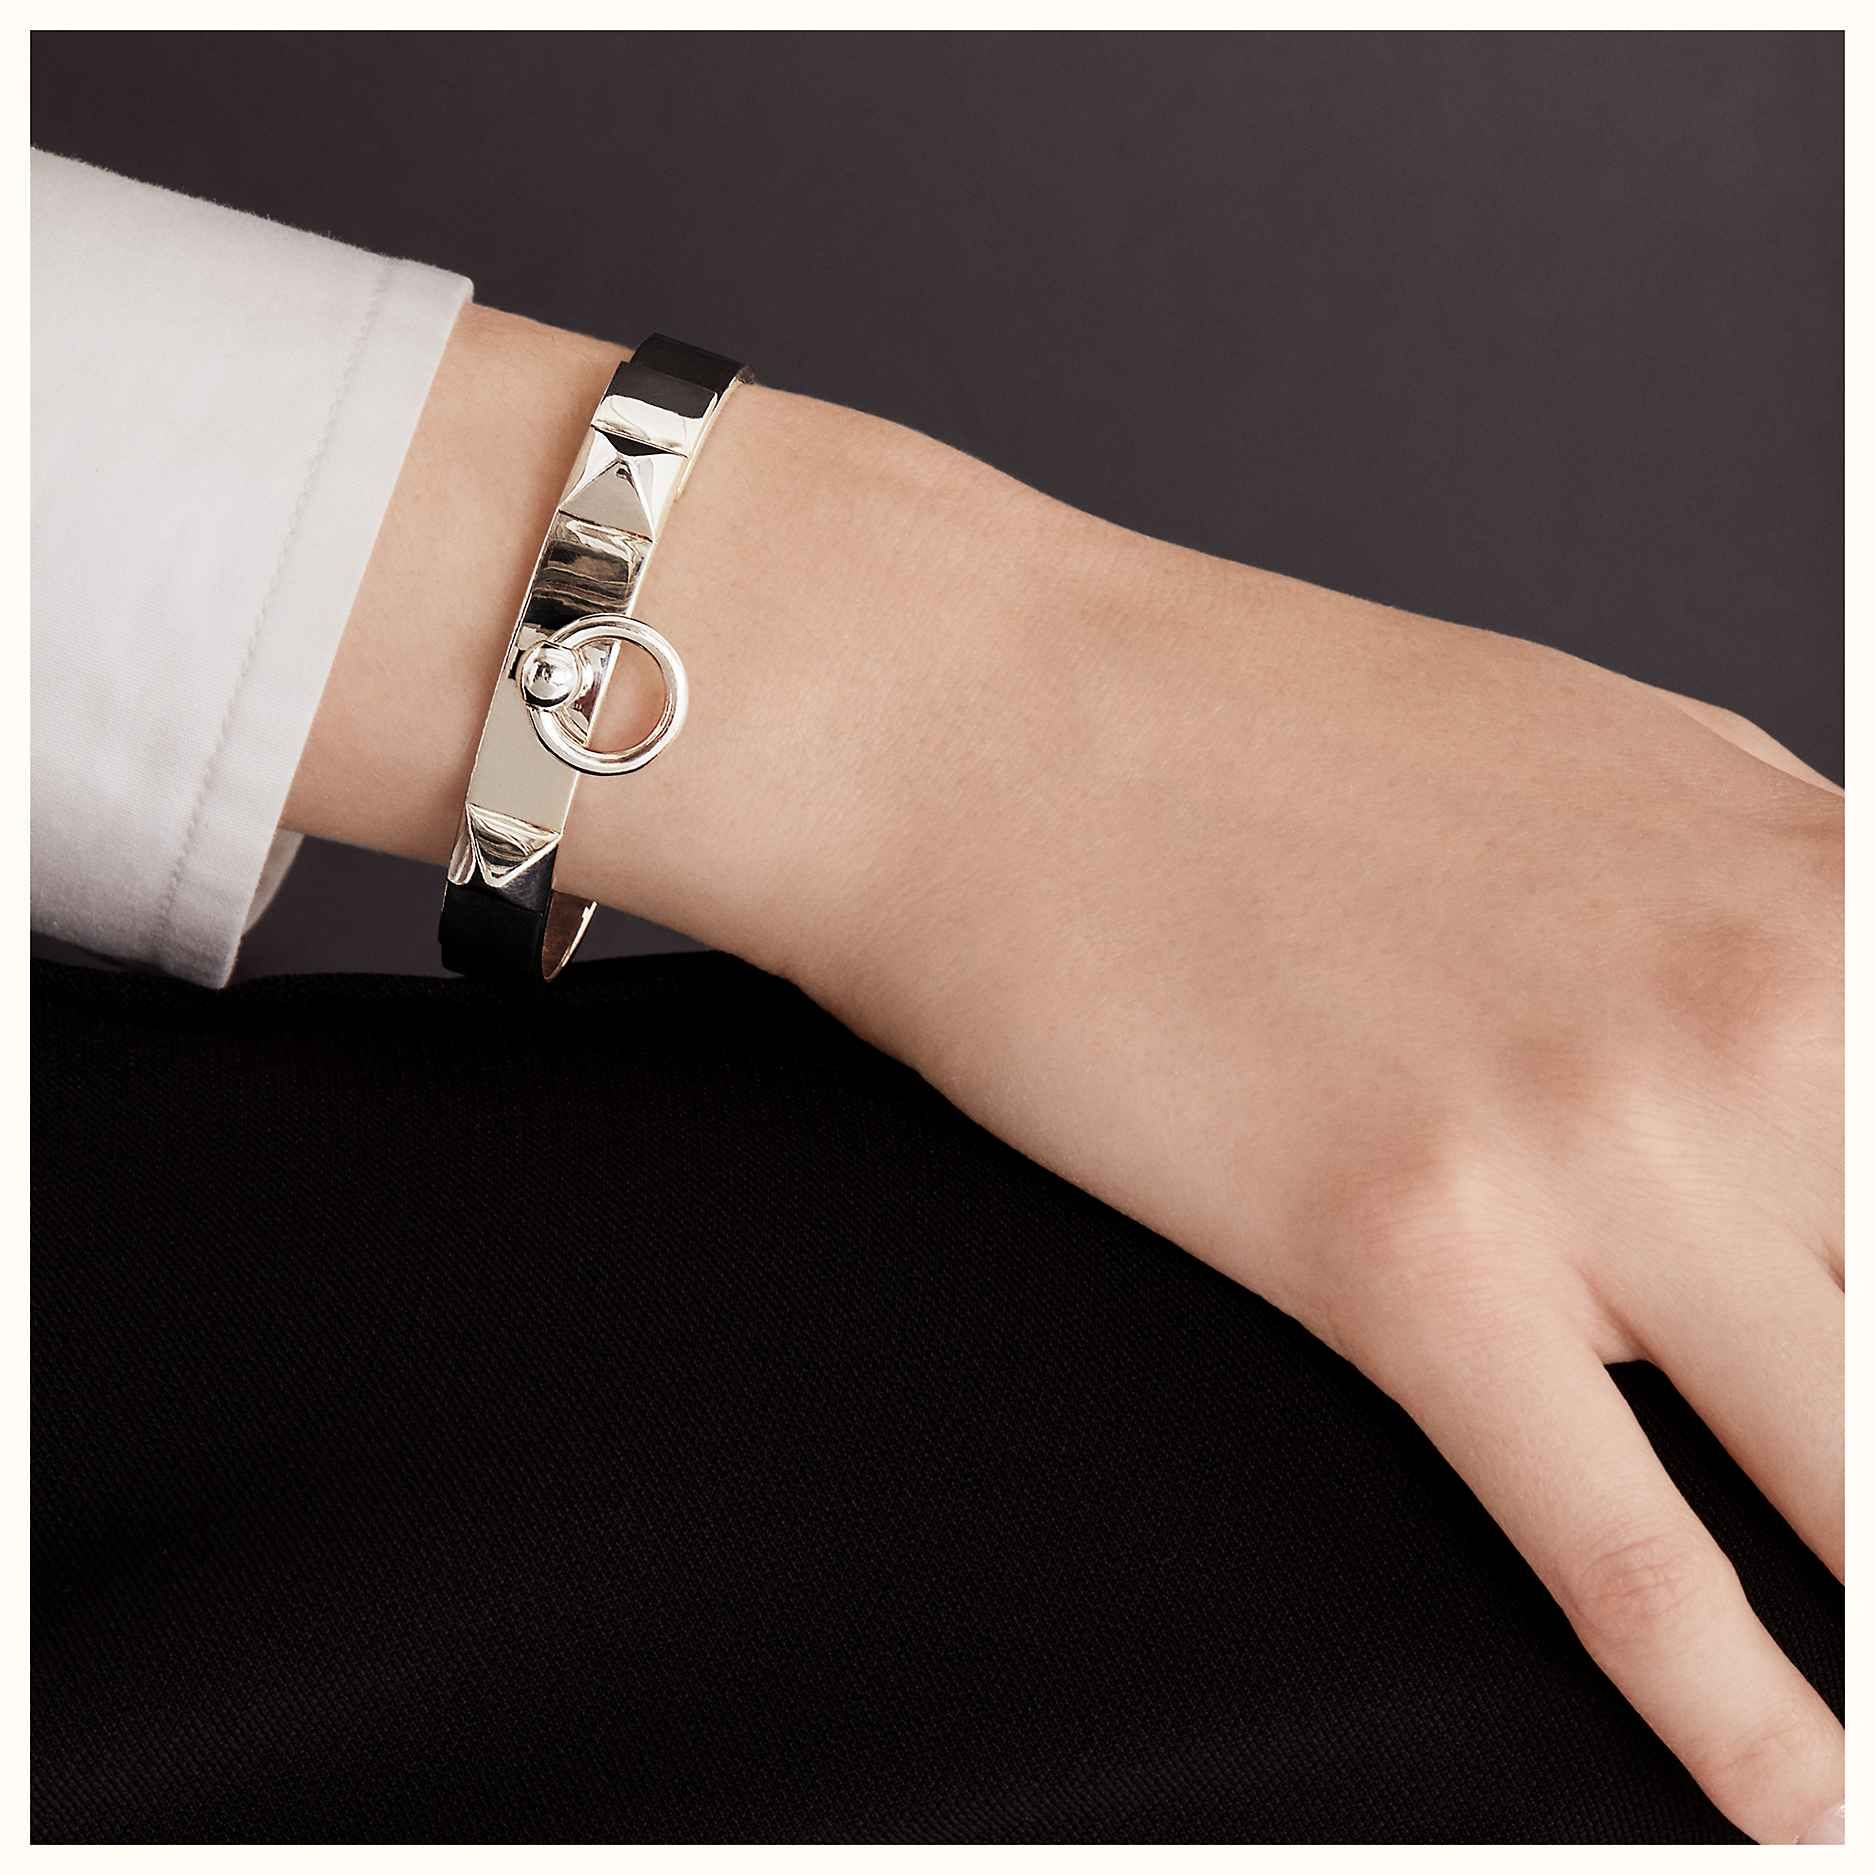 Collier De Chien Bracelet Small Model Cartier Love Bracelet Silver Silver Jewelry